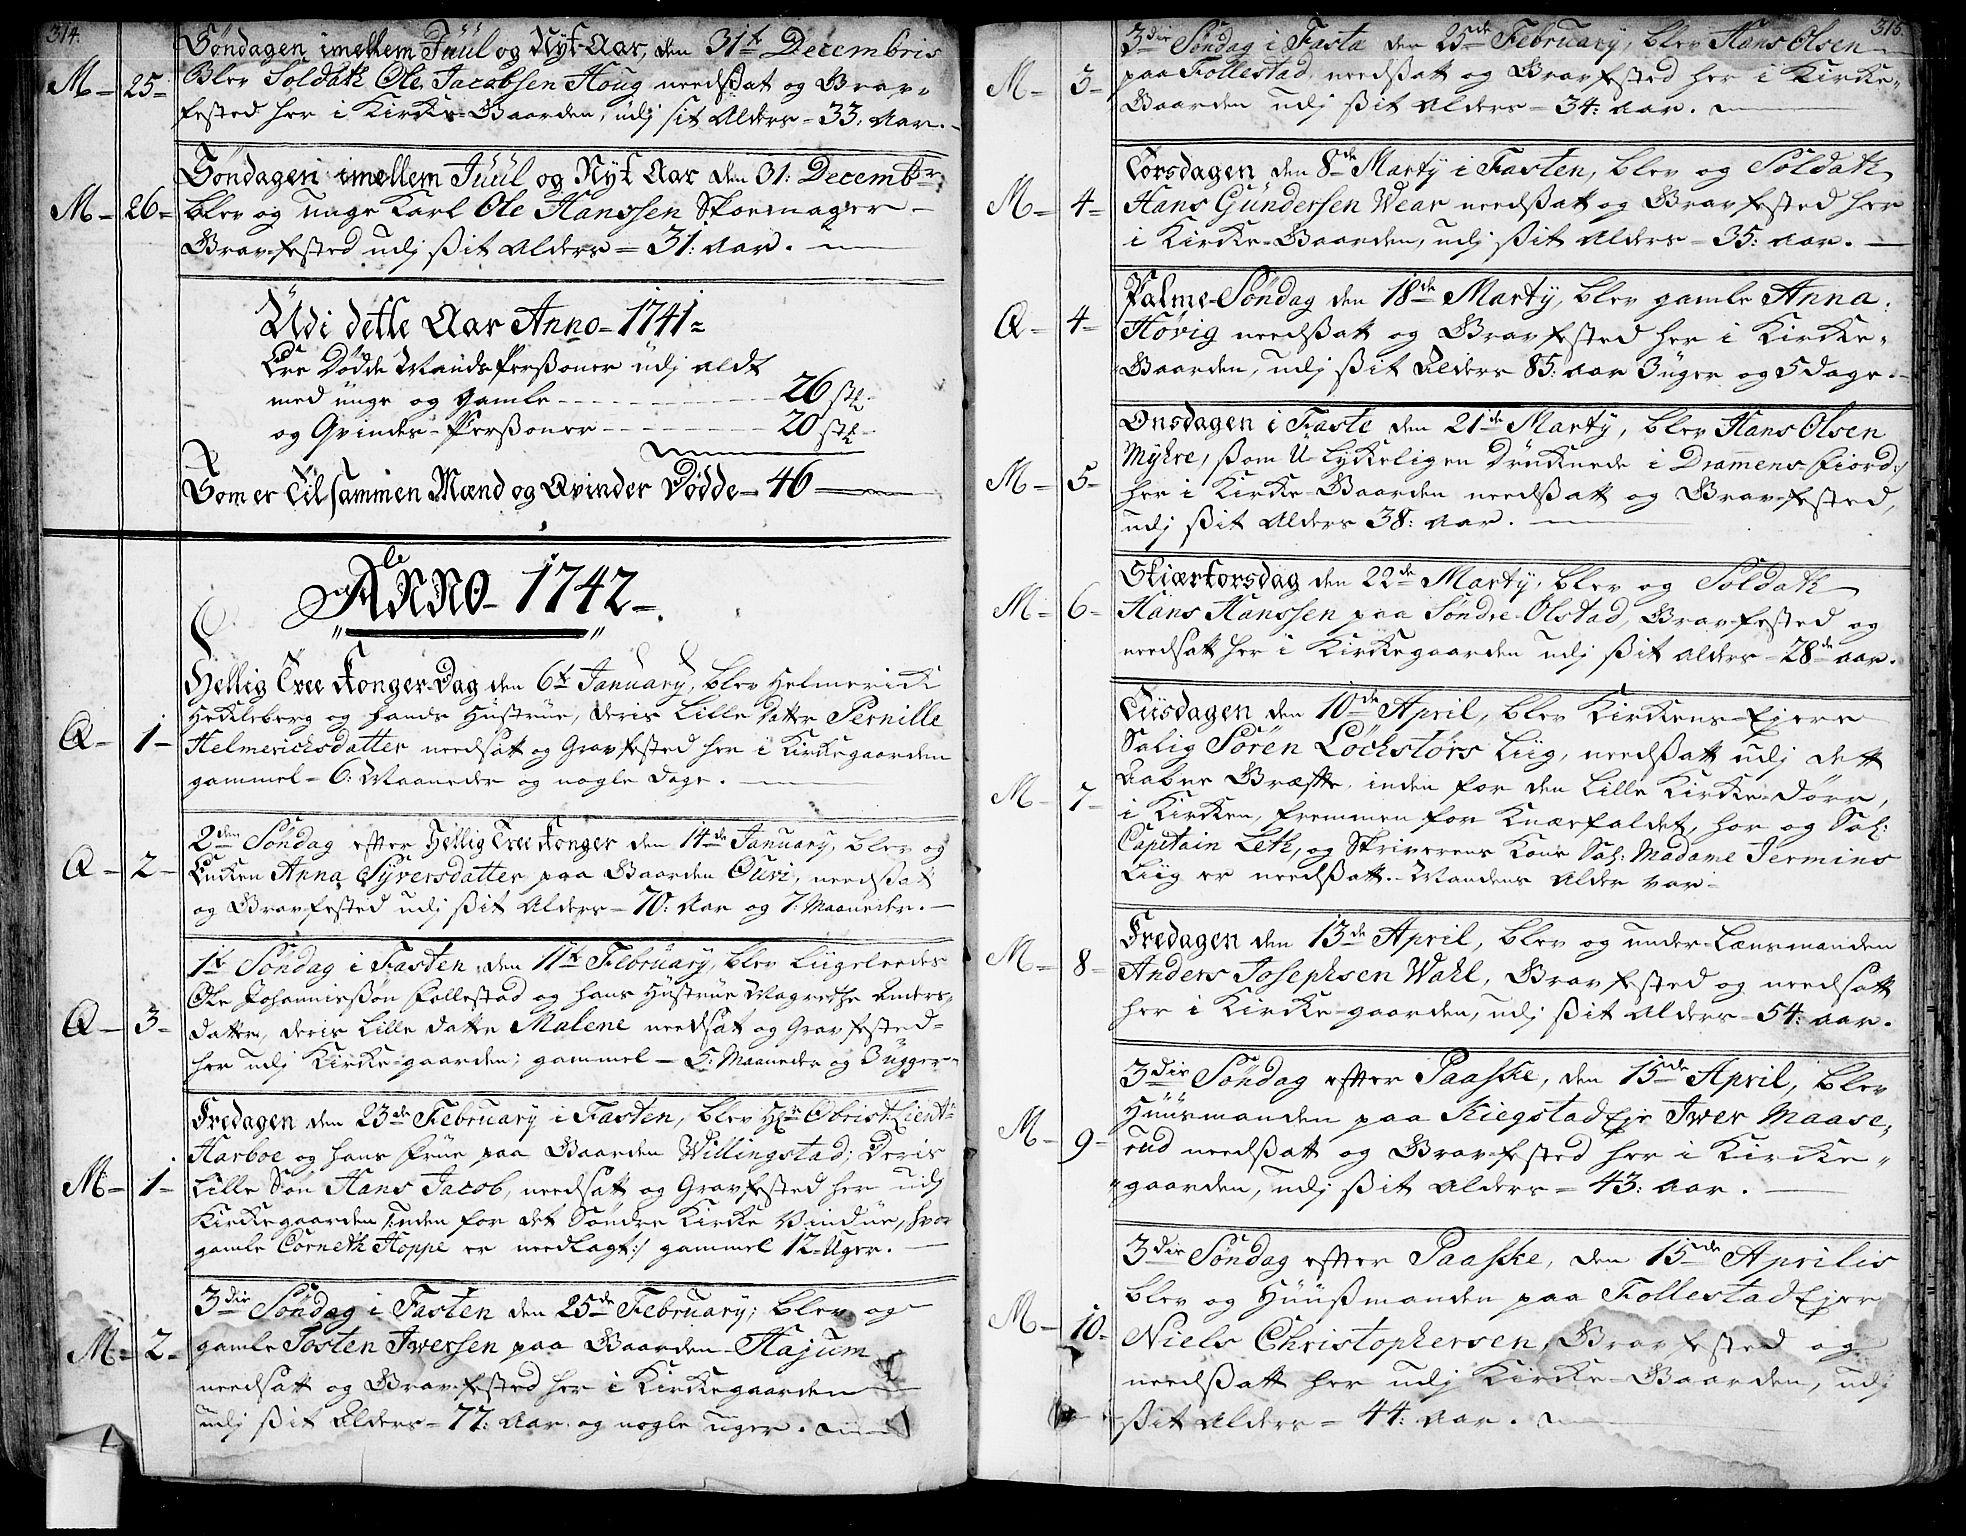 SAKO, Røyken kirkebøker, G/Ga/L0001: Klokkerbok nr. 1, 1740-1768, s. 314-315